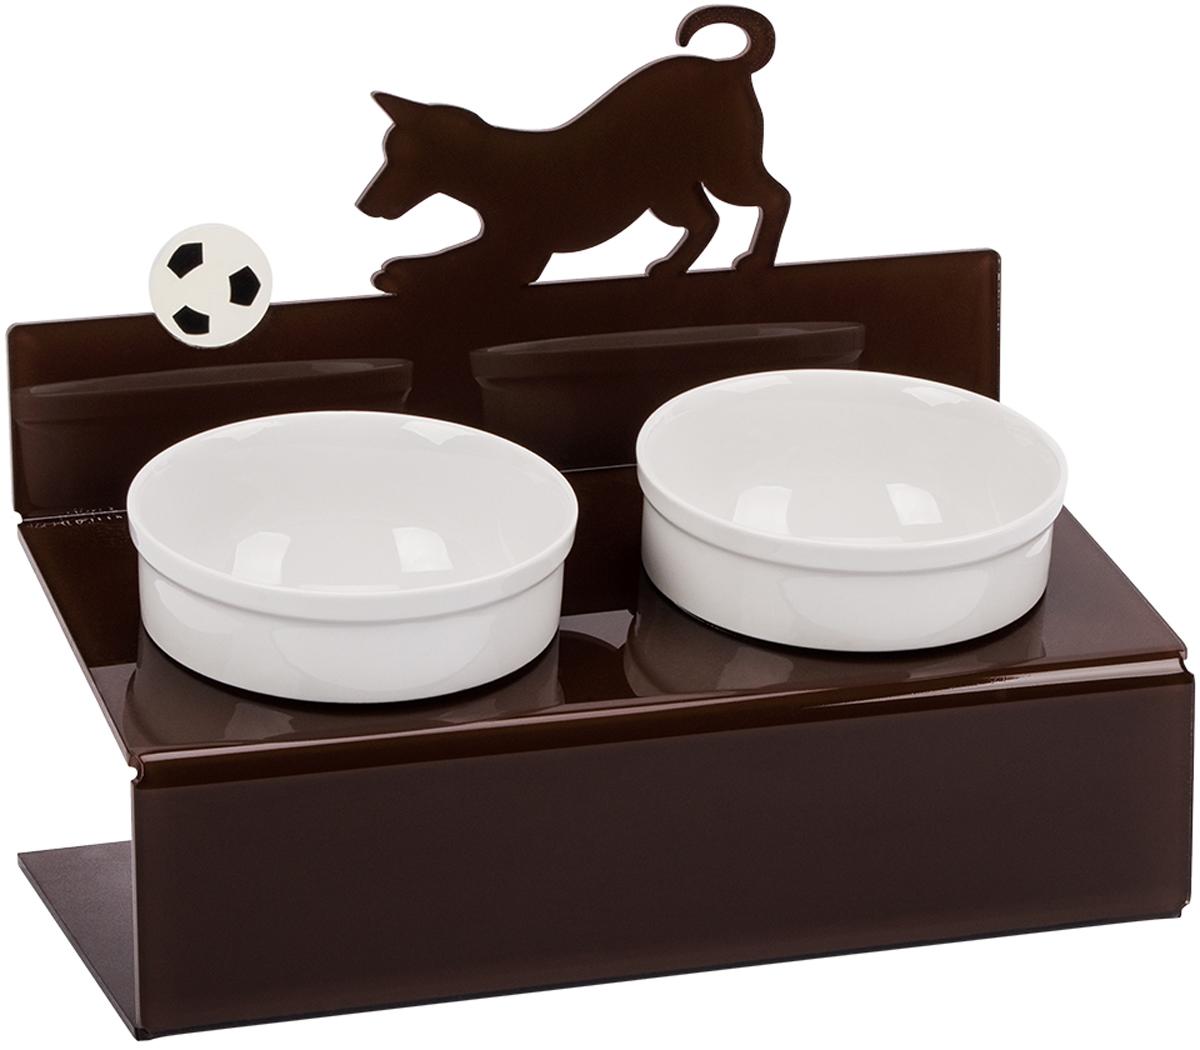 Миска для животныx Artmiska  Собака и мяч , двойная, на подставке, цвет: коричневый, 2 x 350 мл - Аксессуары для кормления